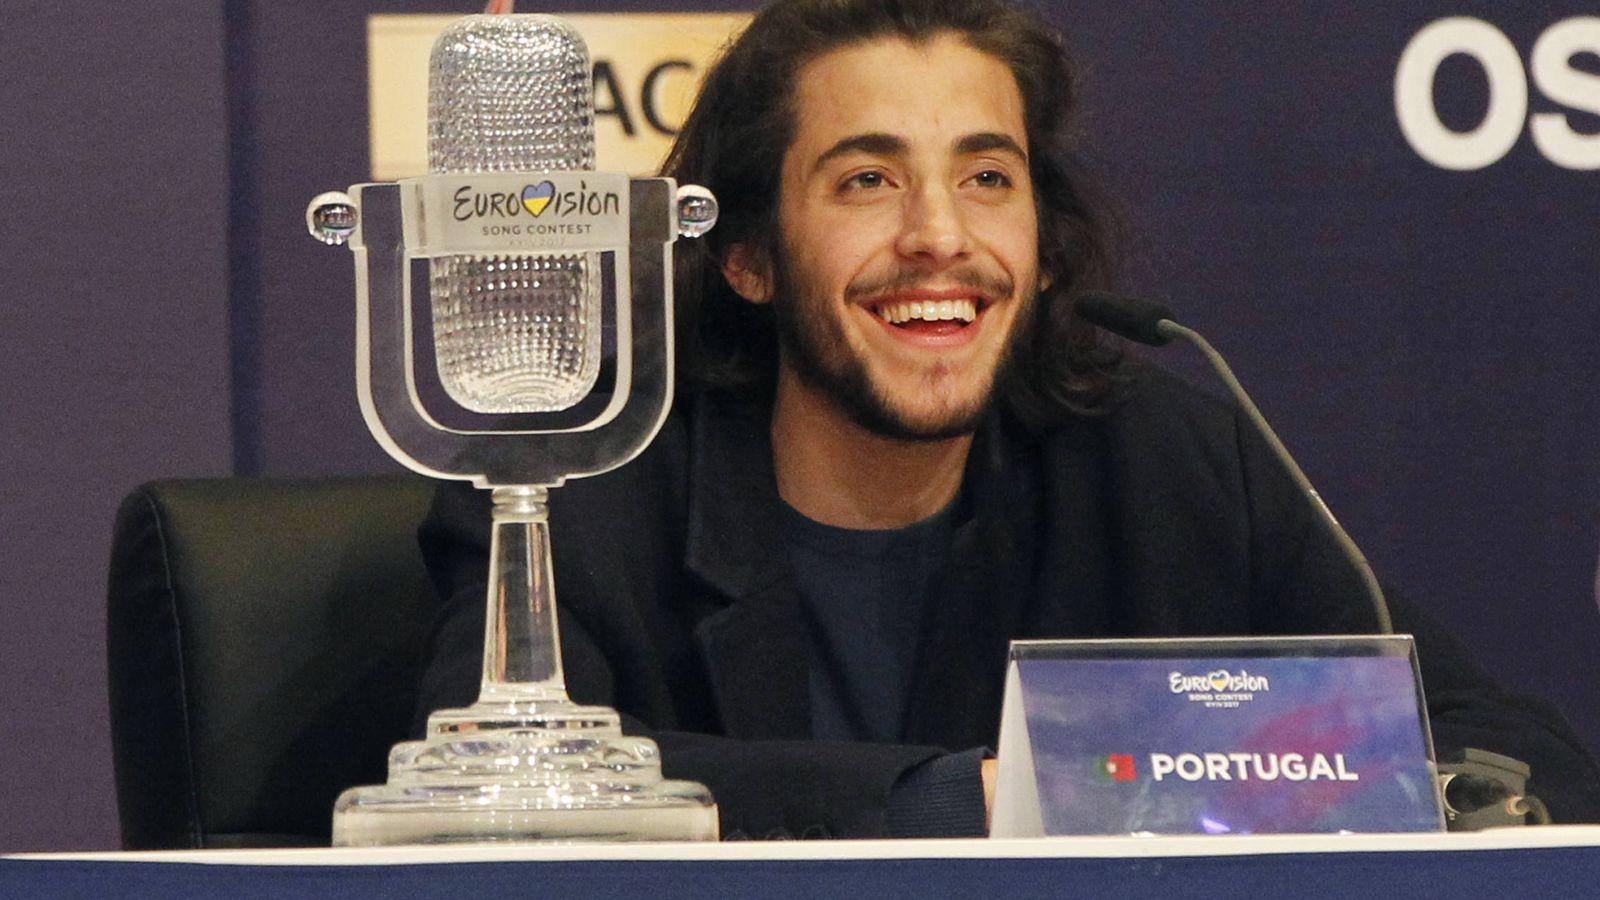 Foto: Salvador con el trofeo que acredita su triunfo eurovisivo. (Gtres)